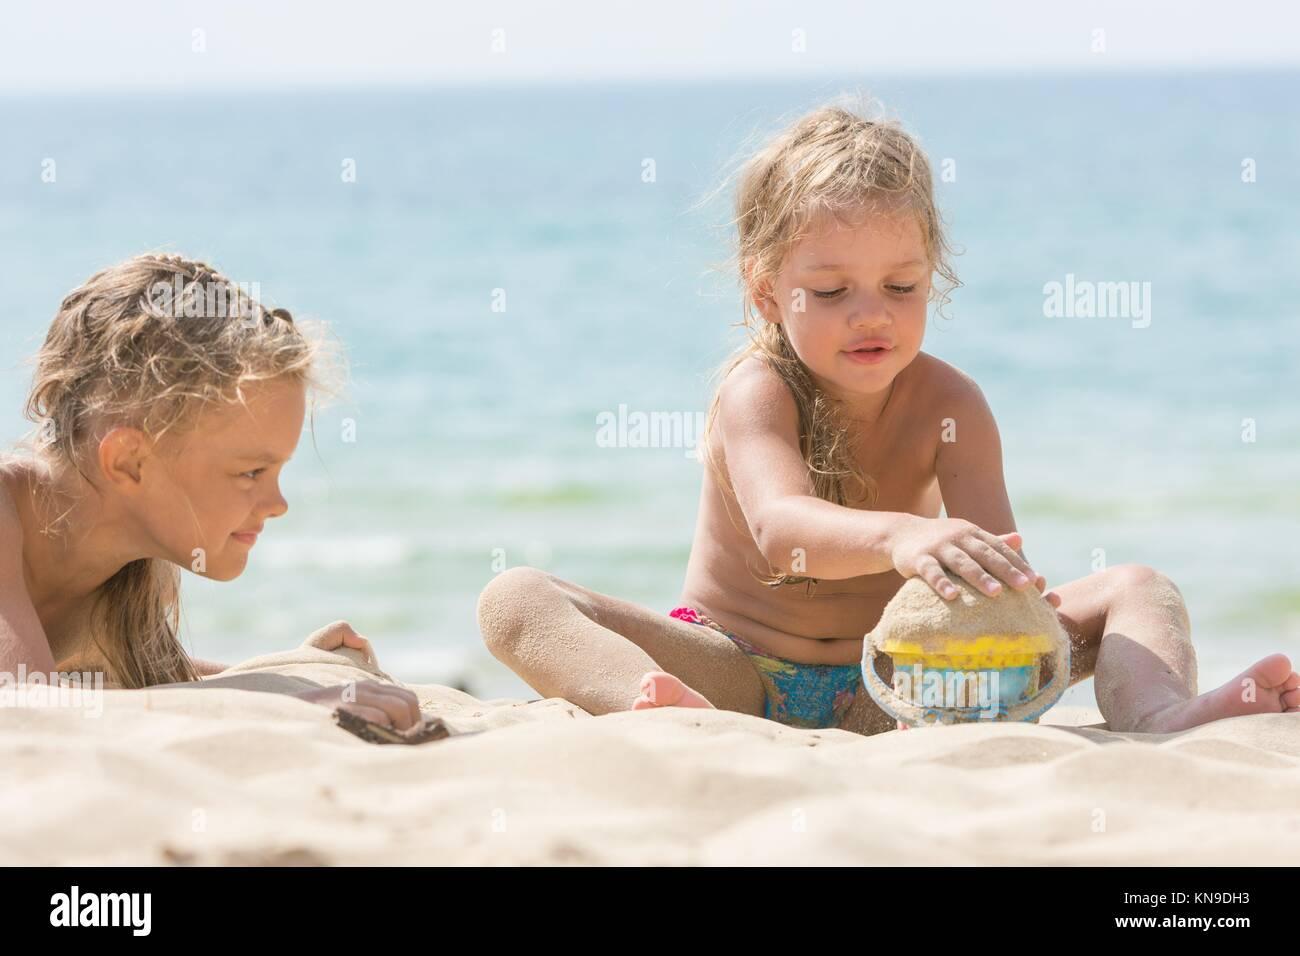 Due Ragazze Sulla Spiaggia In Una Giornata Di Sole Giocando Con La